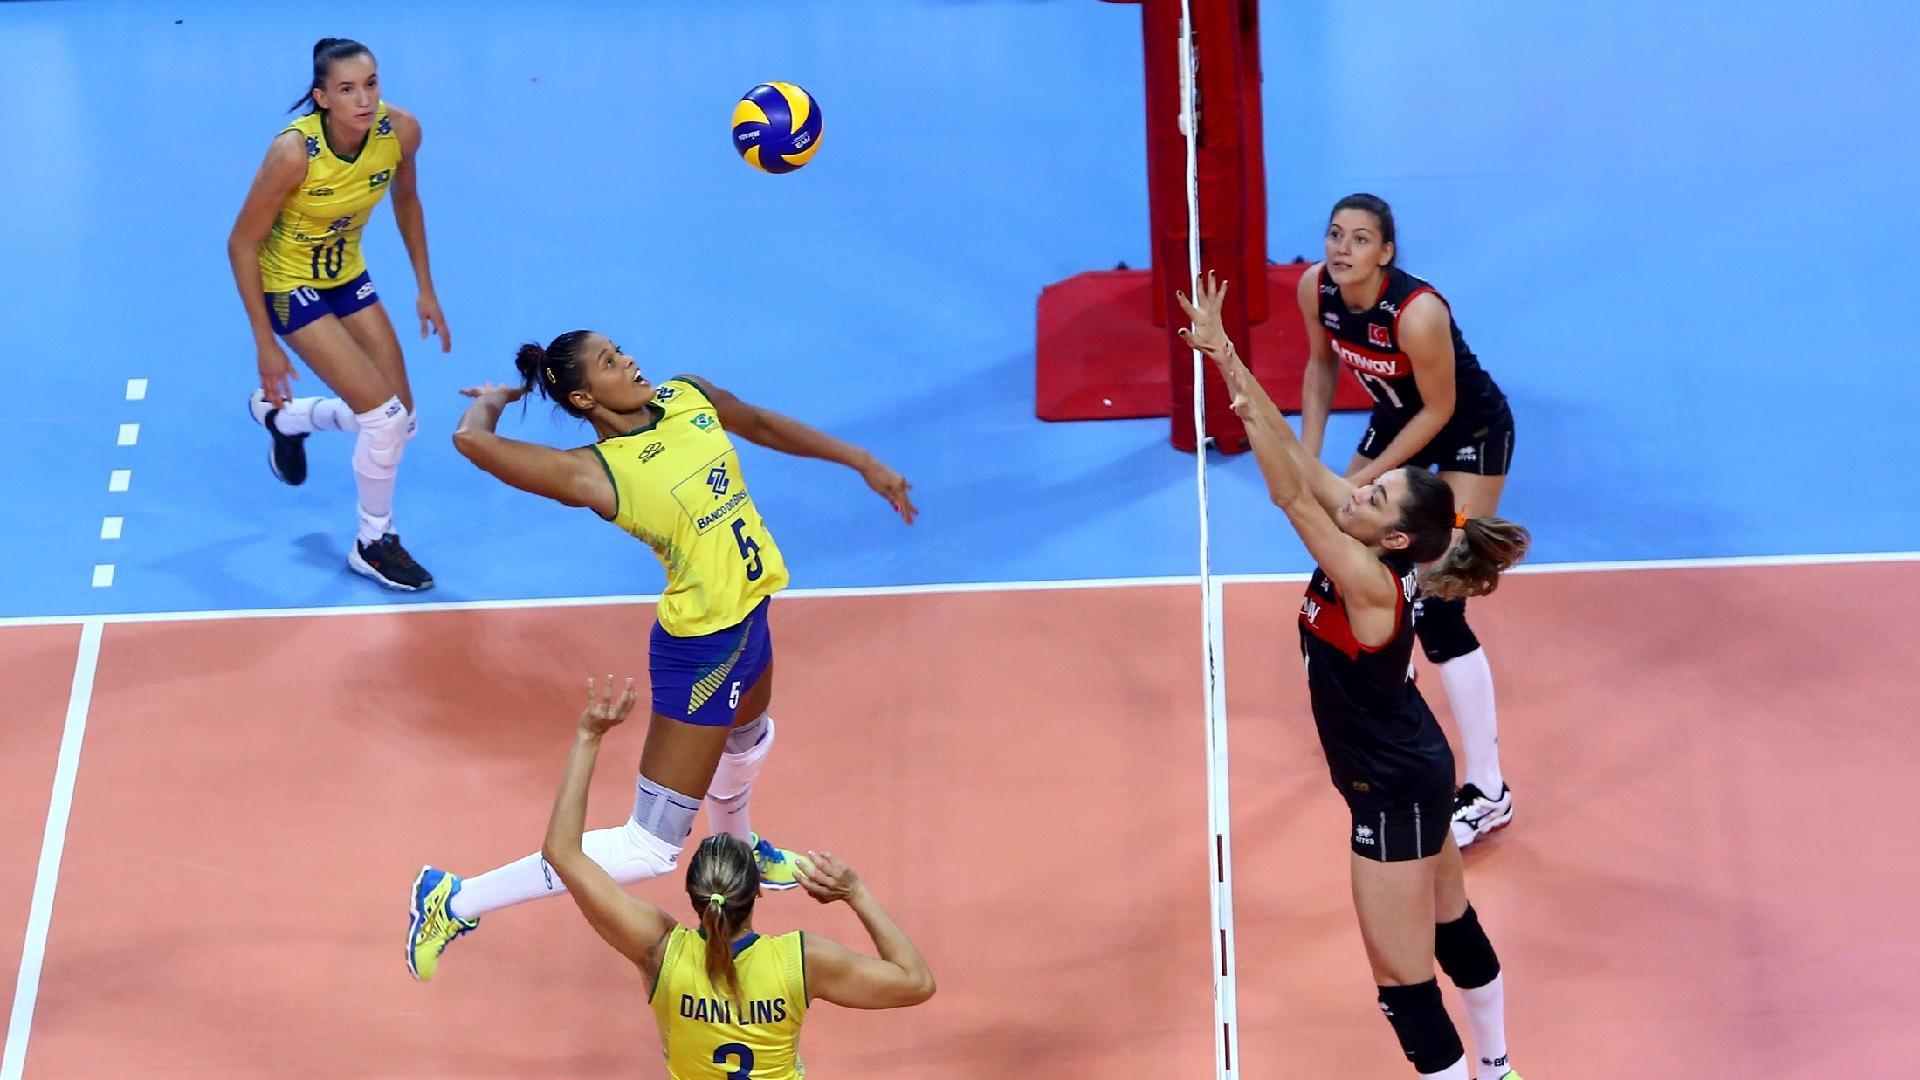 Seleção feminina de vôlei em jogo contra a Turquia no Grand Prix